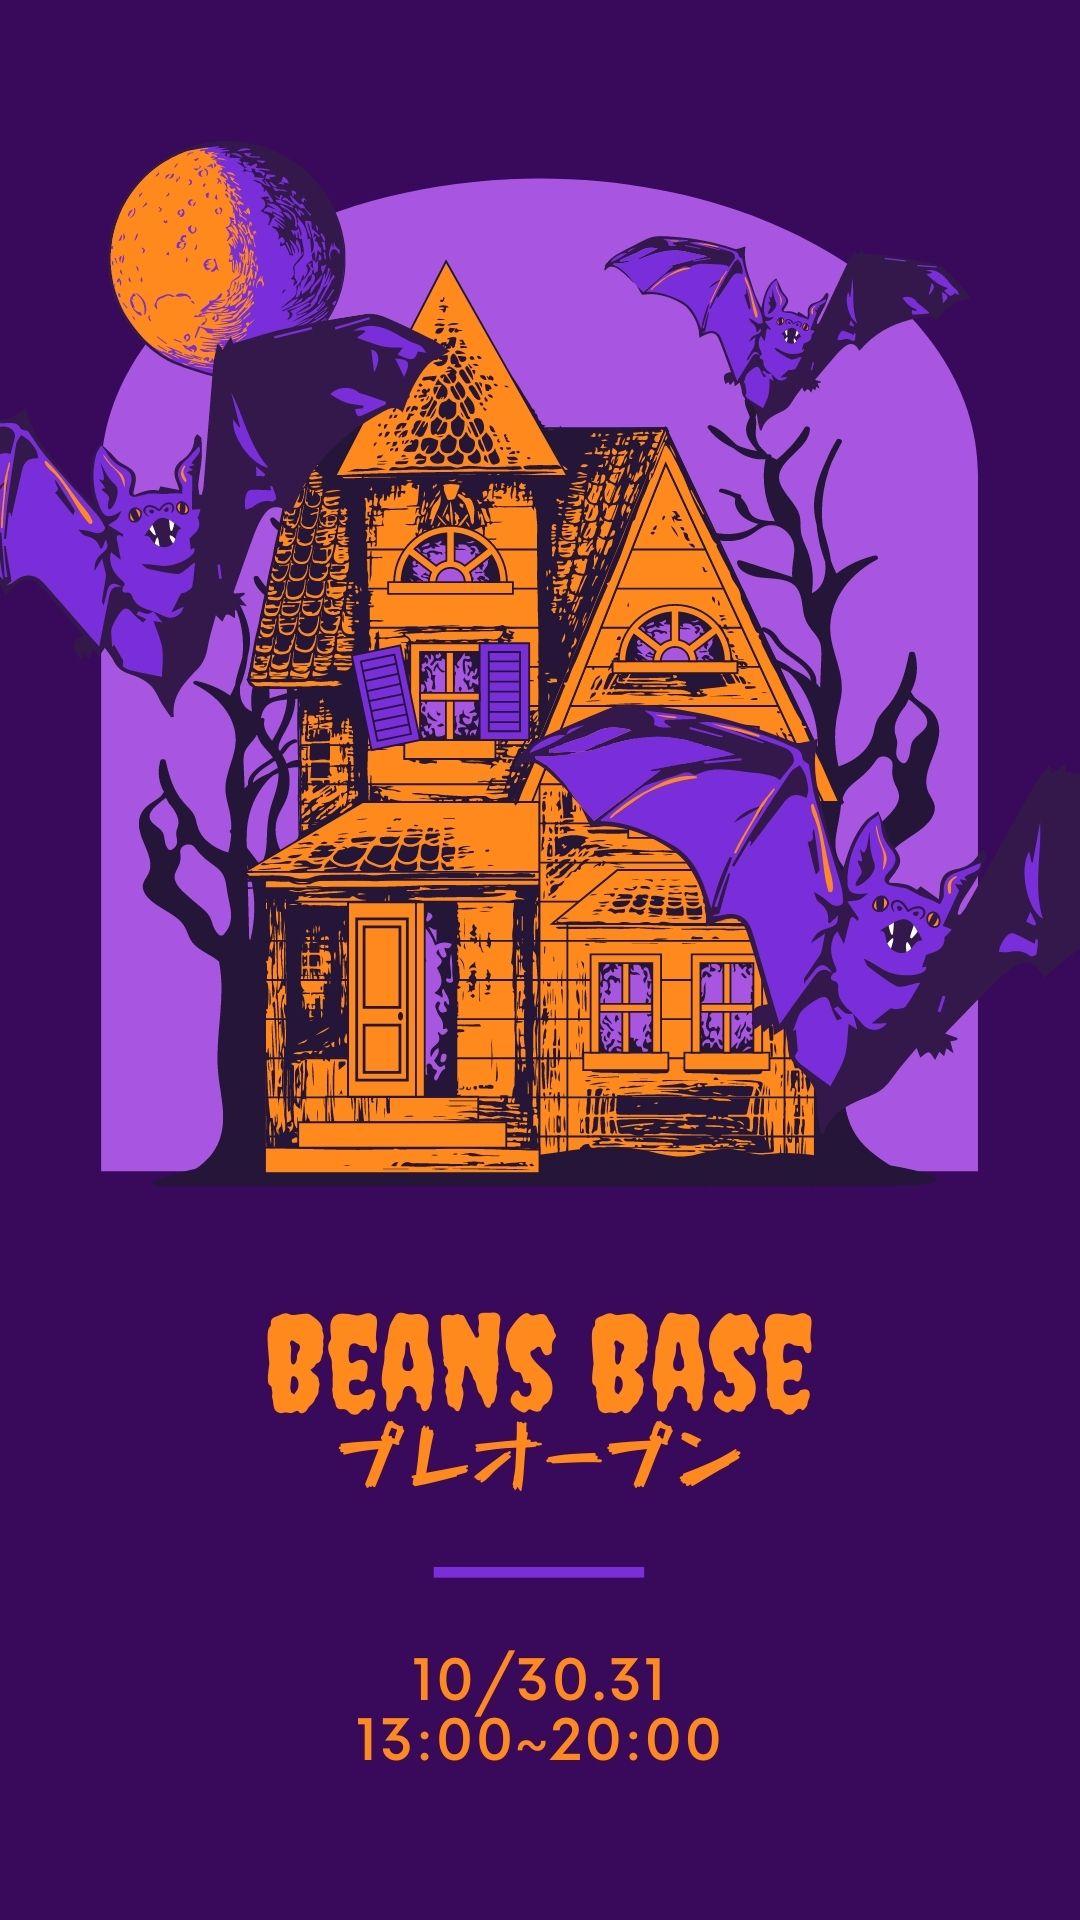 Beans Base プレオープン